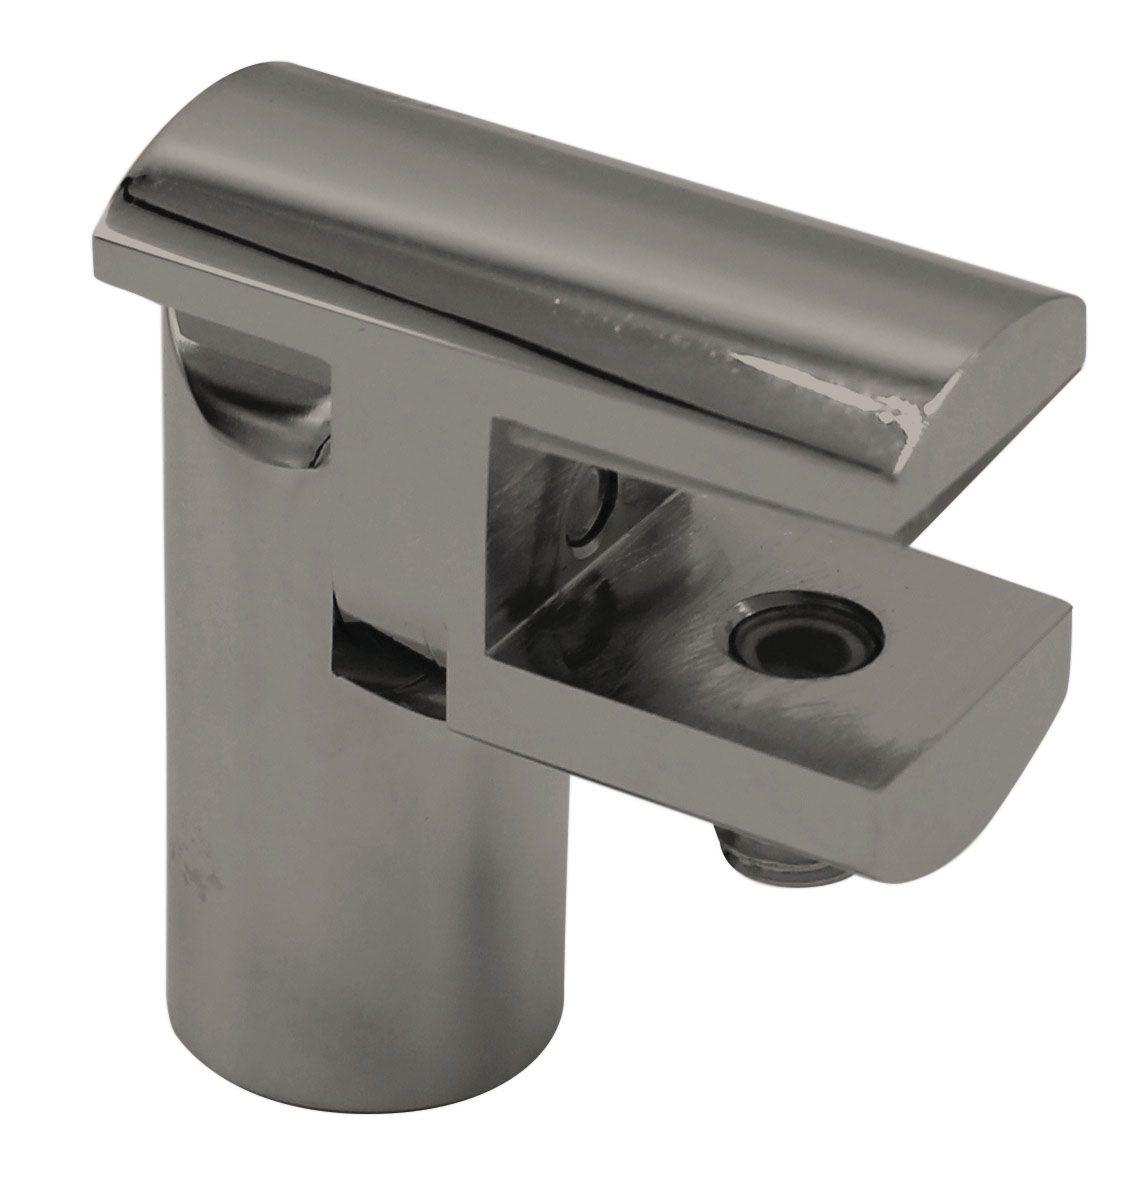 CRL Adjustable Support Bar U-Bracket, Ø 12 mm, 8 - 10 mm